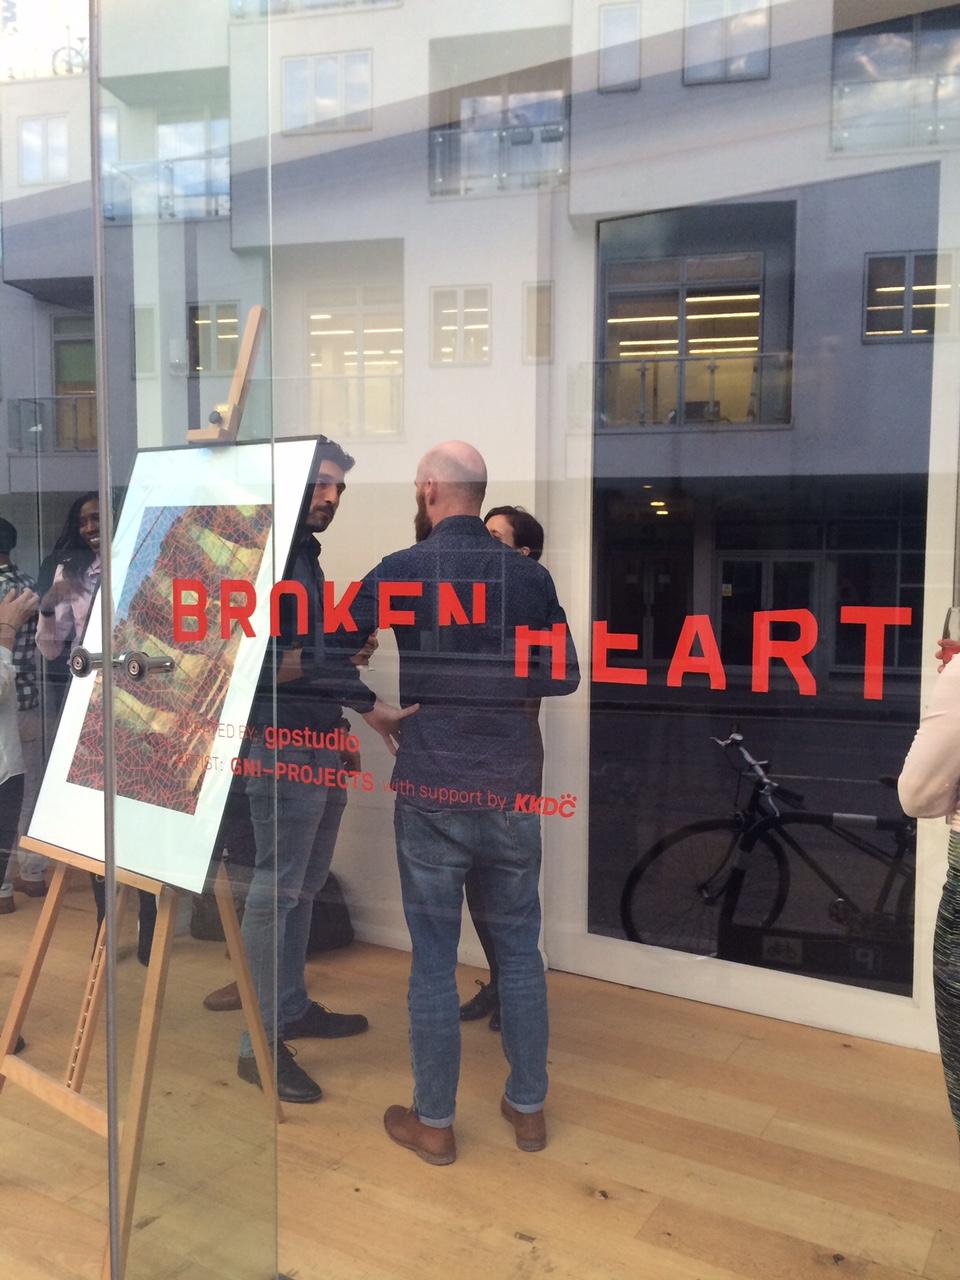 gpstudio - Broken Heart launch 3 - May 1 2015